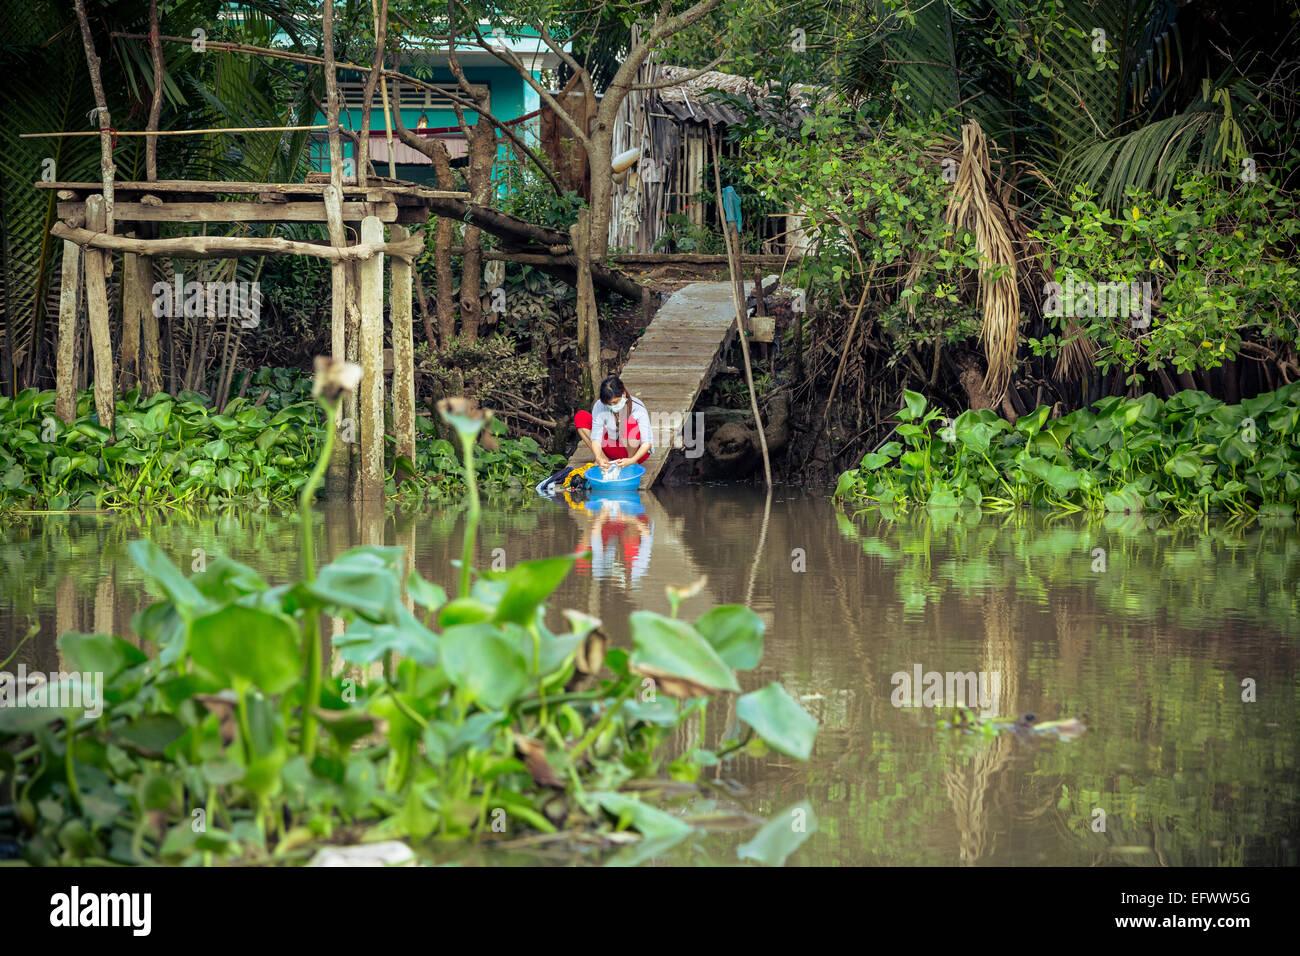 Frau Waschen Wäsche das Mekong-Delta, Can Tho, Vietnam Stockbild